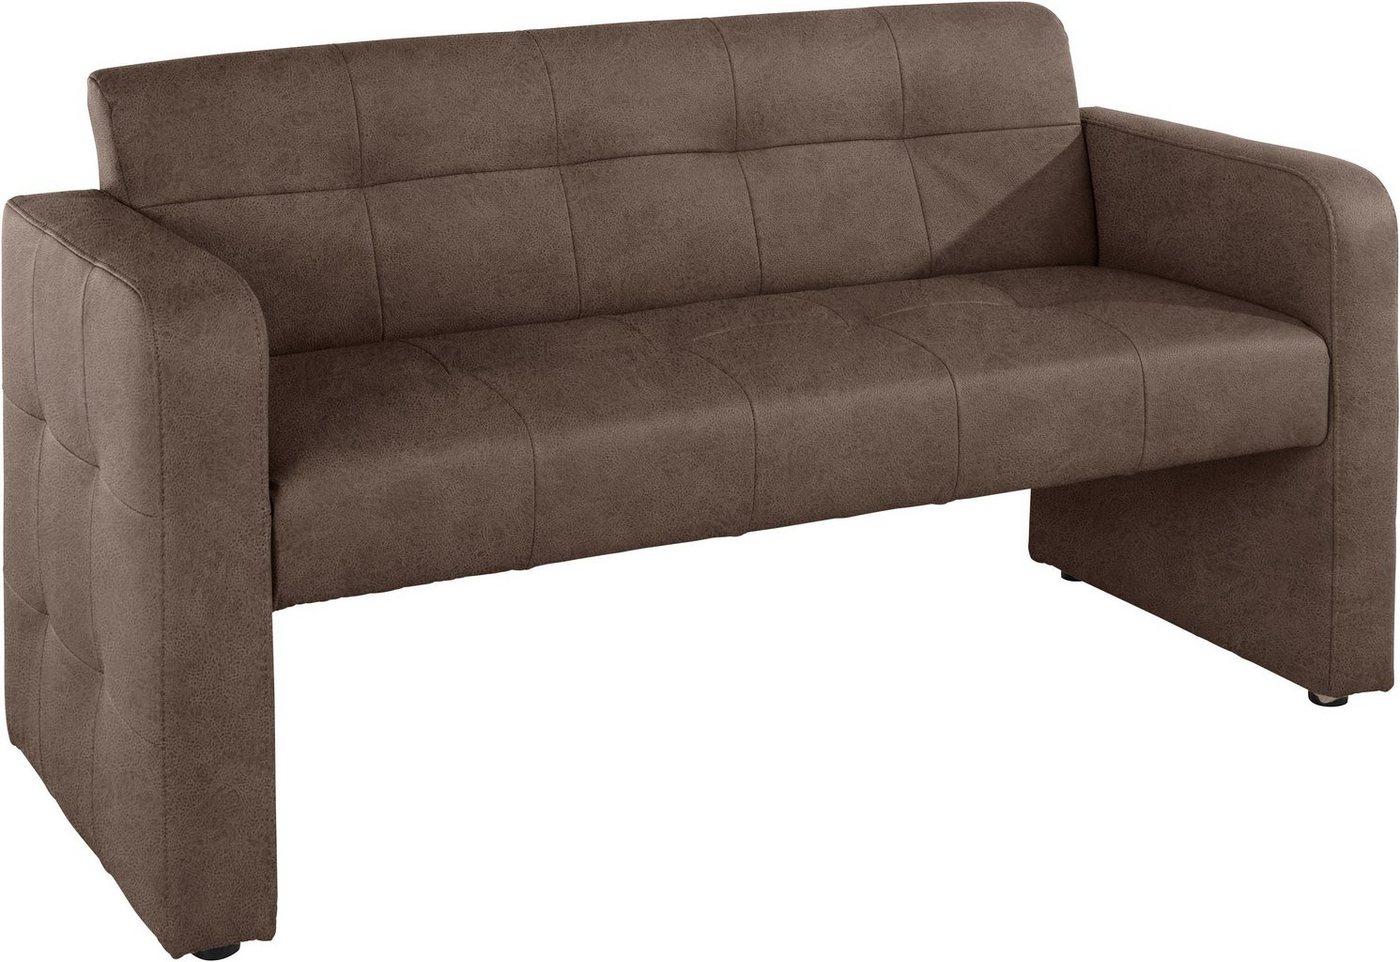 exxpo - sofa fashion Bank mit Rückenlehne, Breite 162 cm - exxpo - sofa fashion